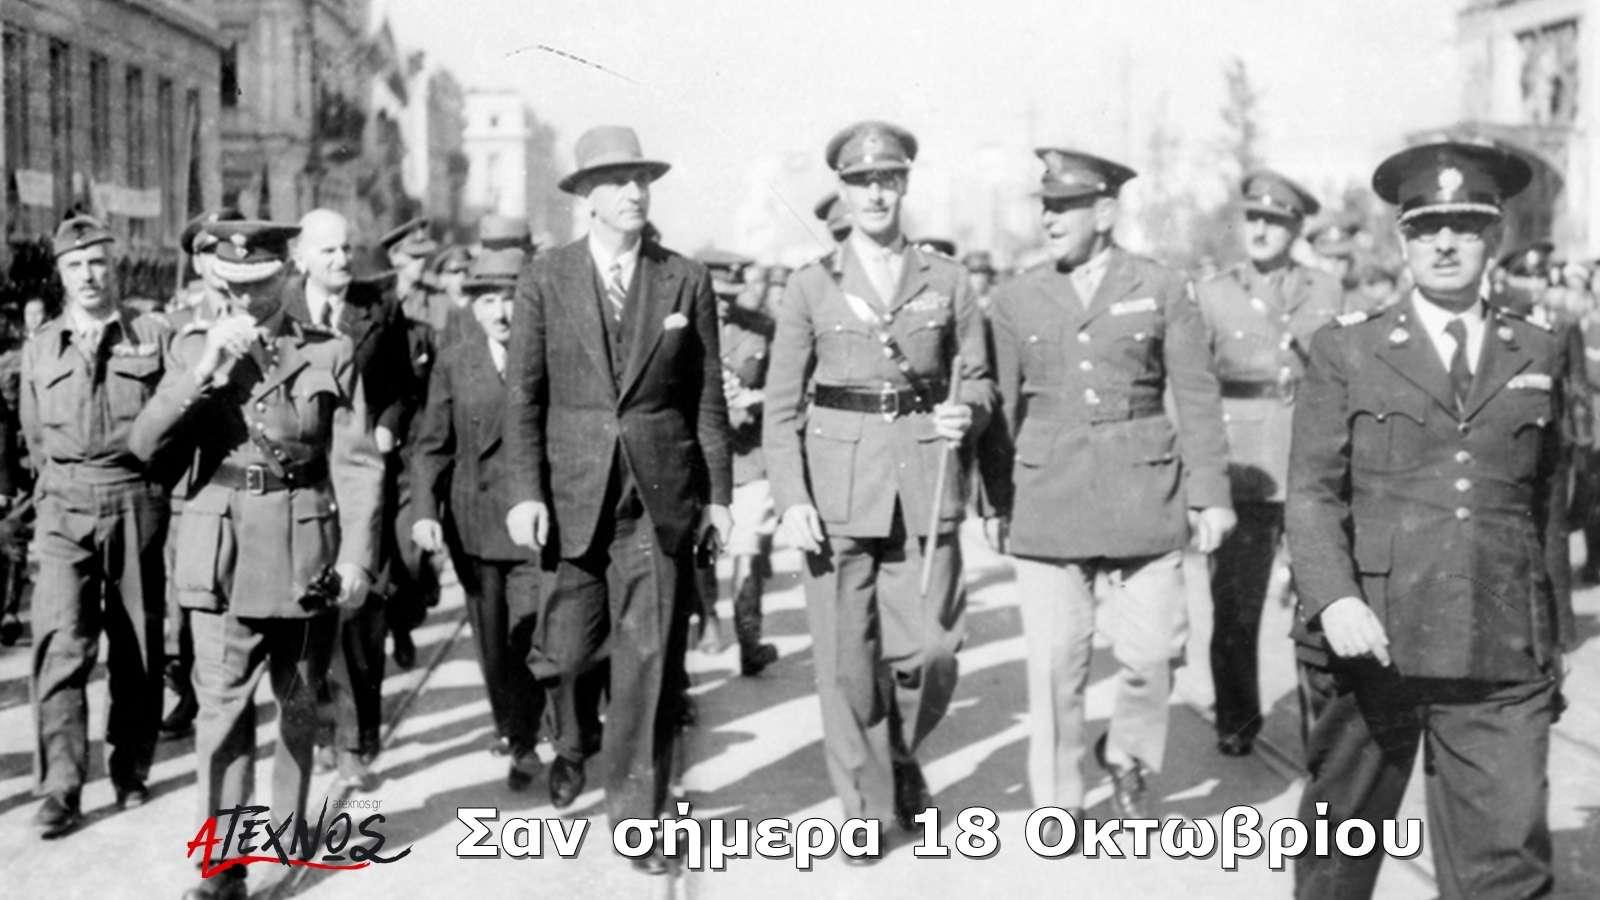 Σαν σήμερα18 Οκτωβρίου– Μια ματιά στην ιστορία του τόπου και του κόσμου